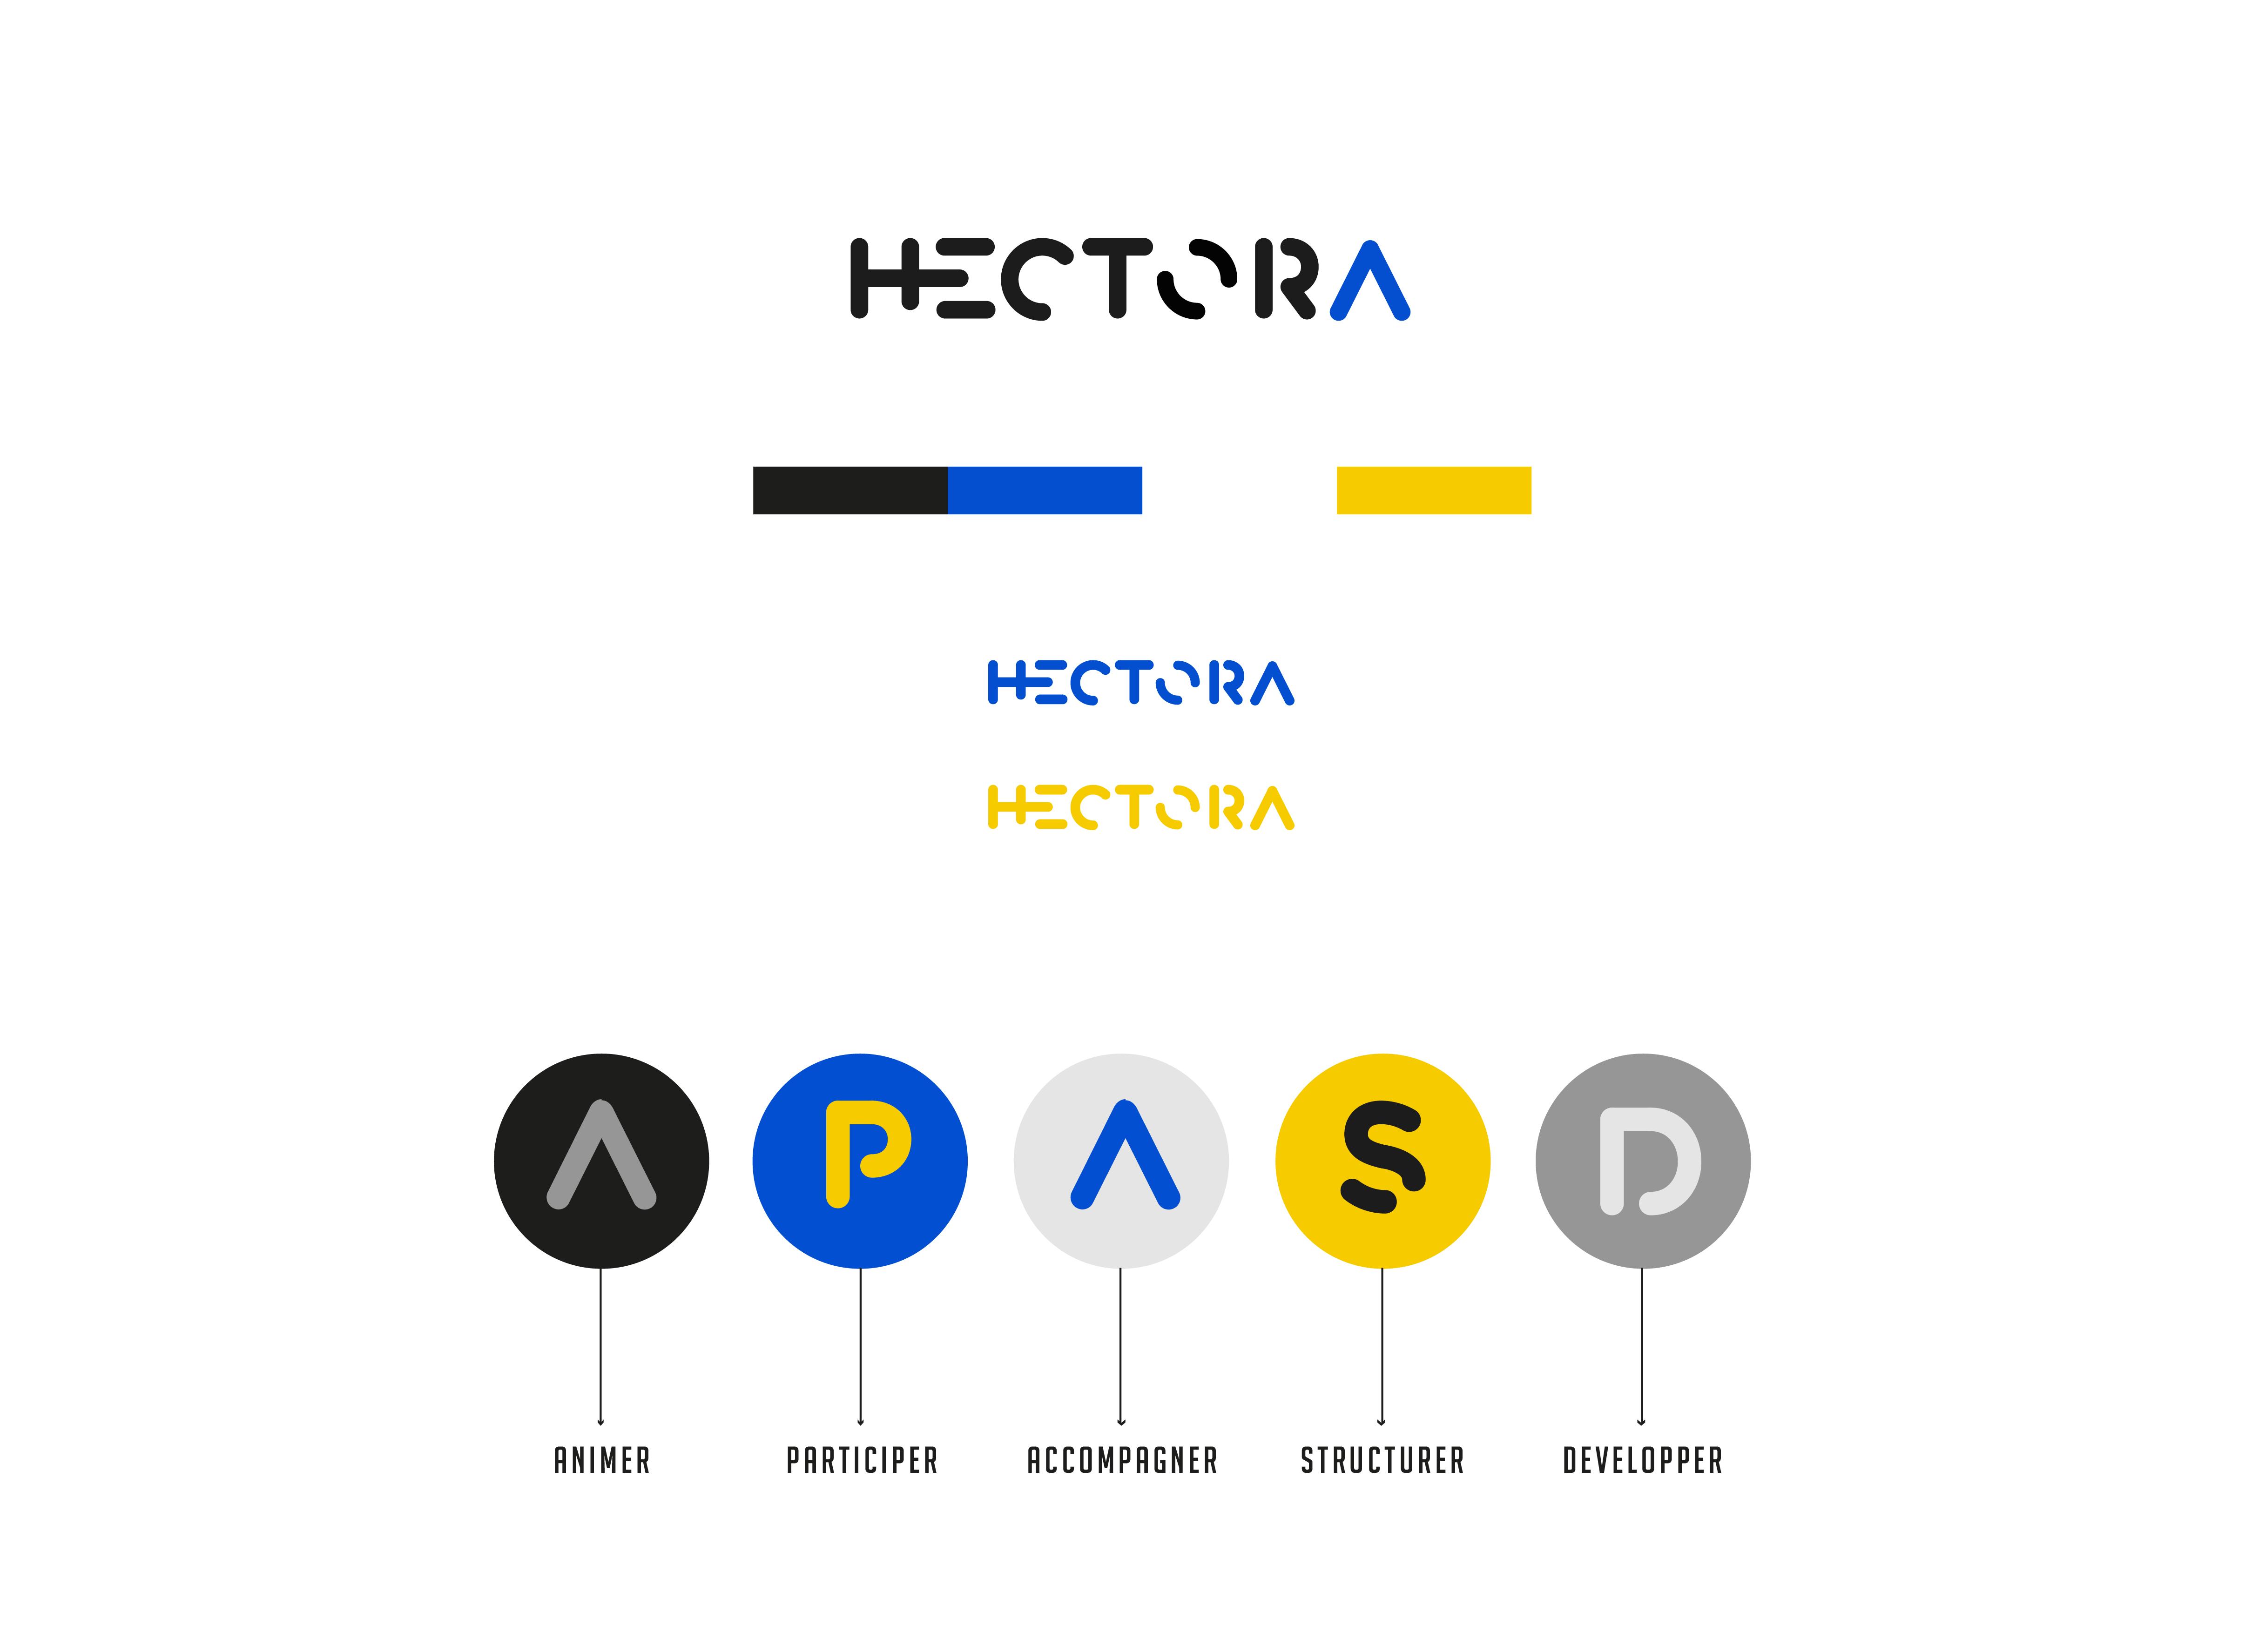 HECTORA_MOCKUP-02